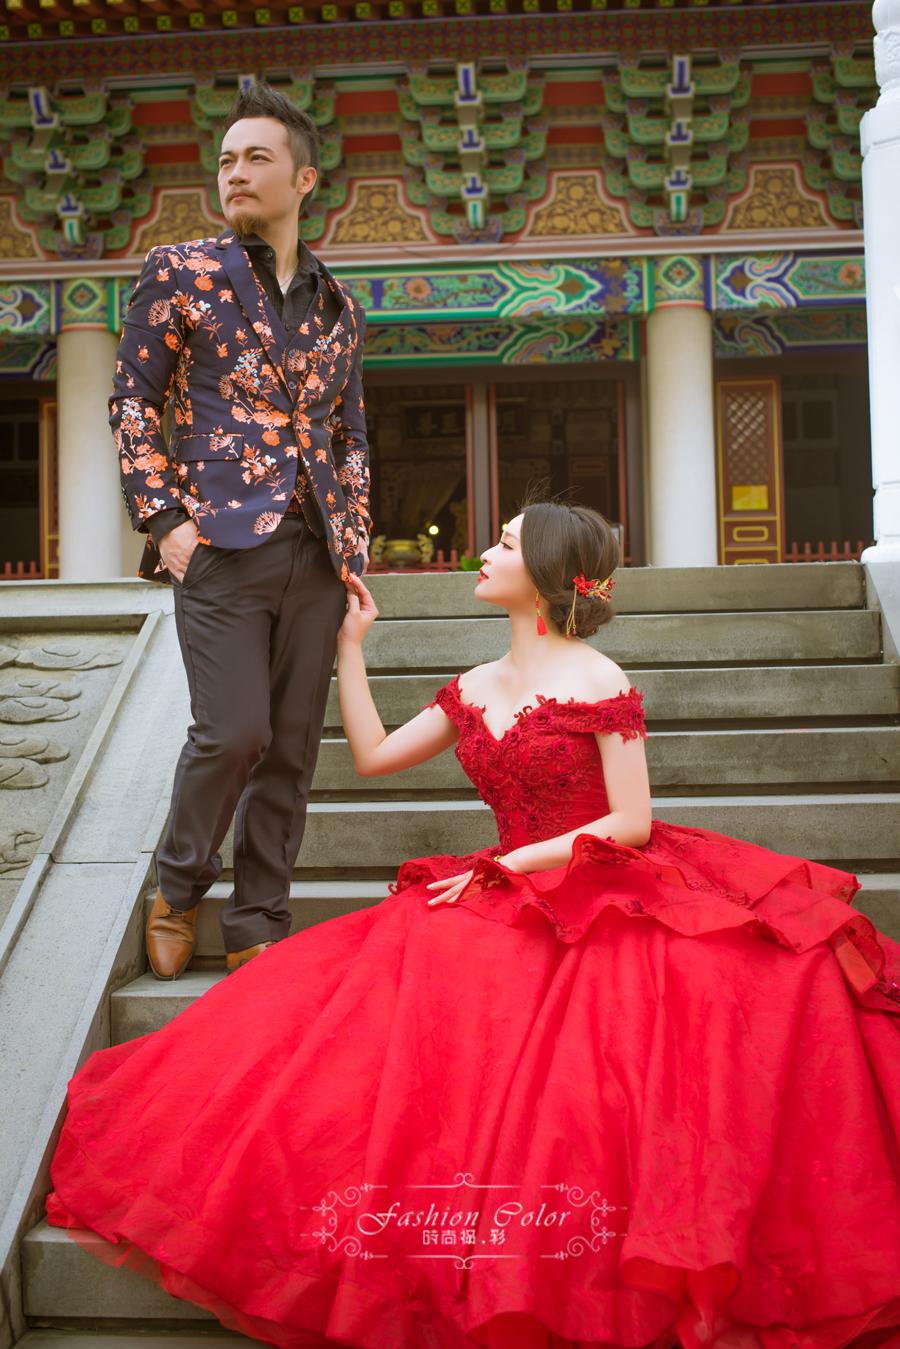 DSC_5969 - 時尚攝。彩攝影工作室 - 結婚吧